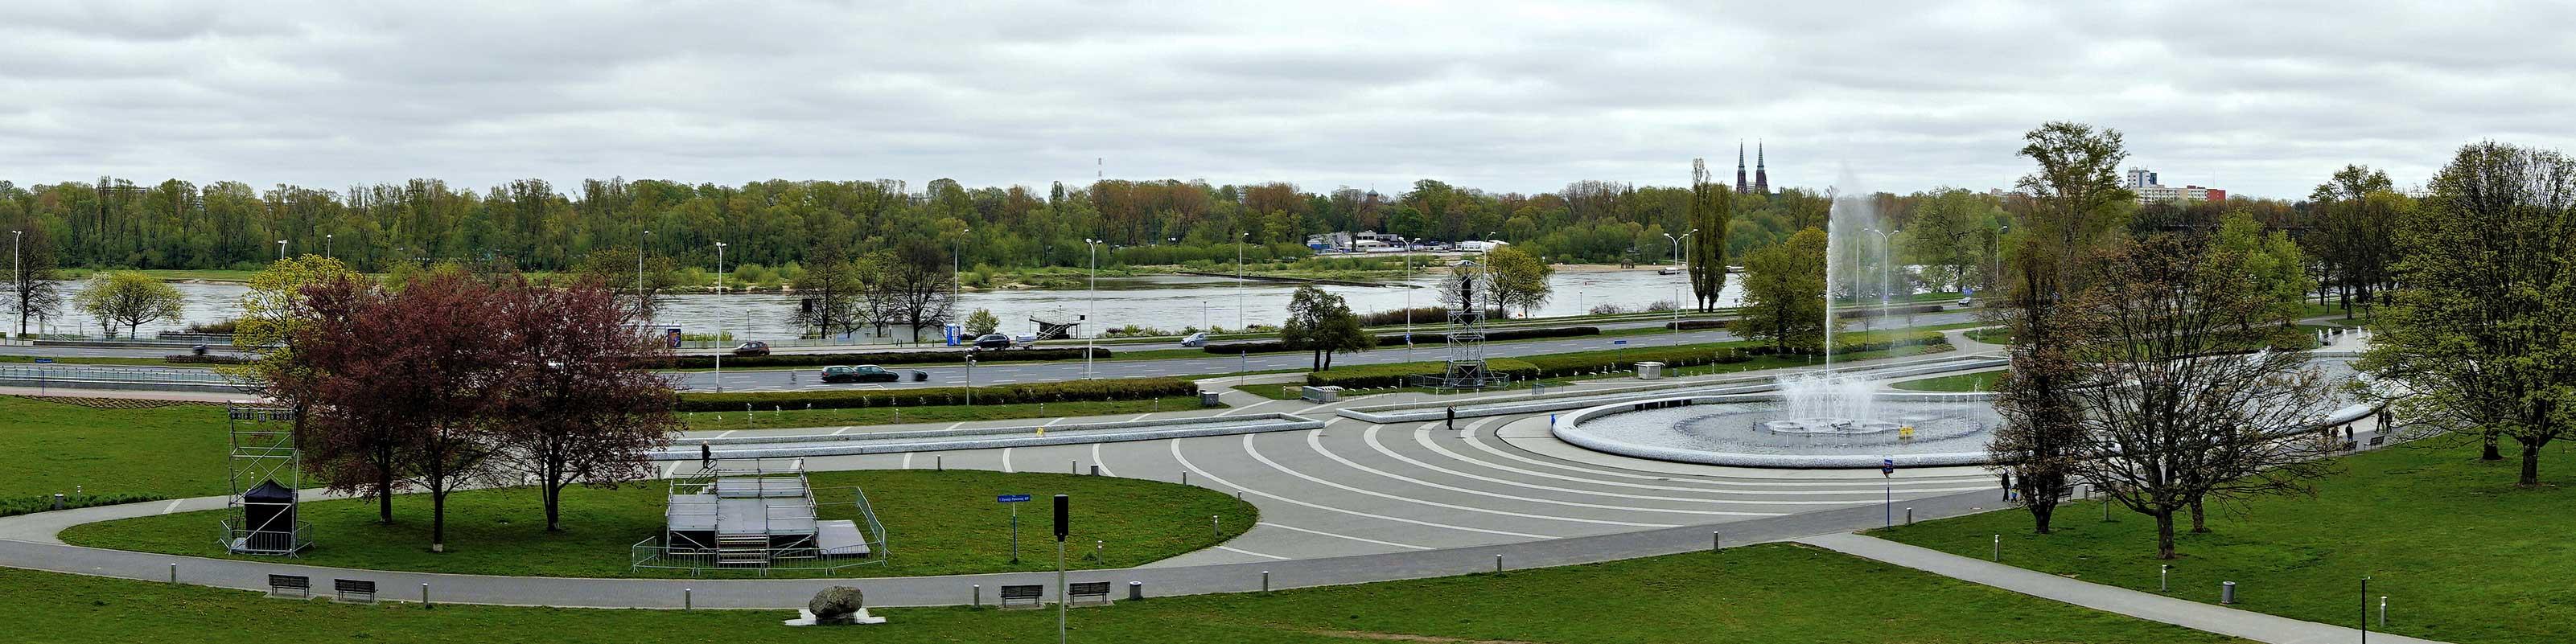 Park Fontann